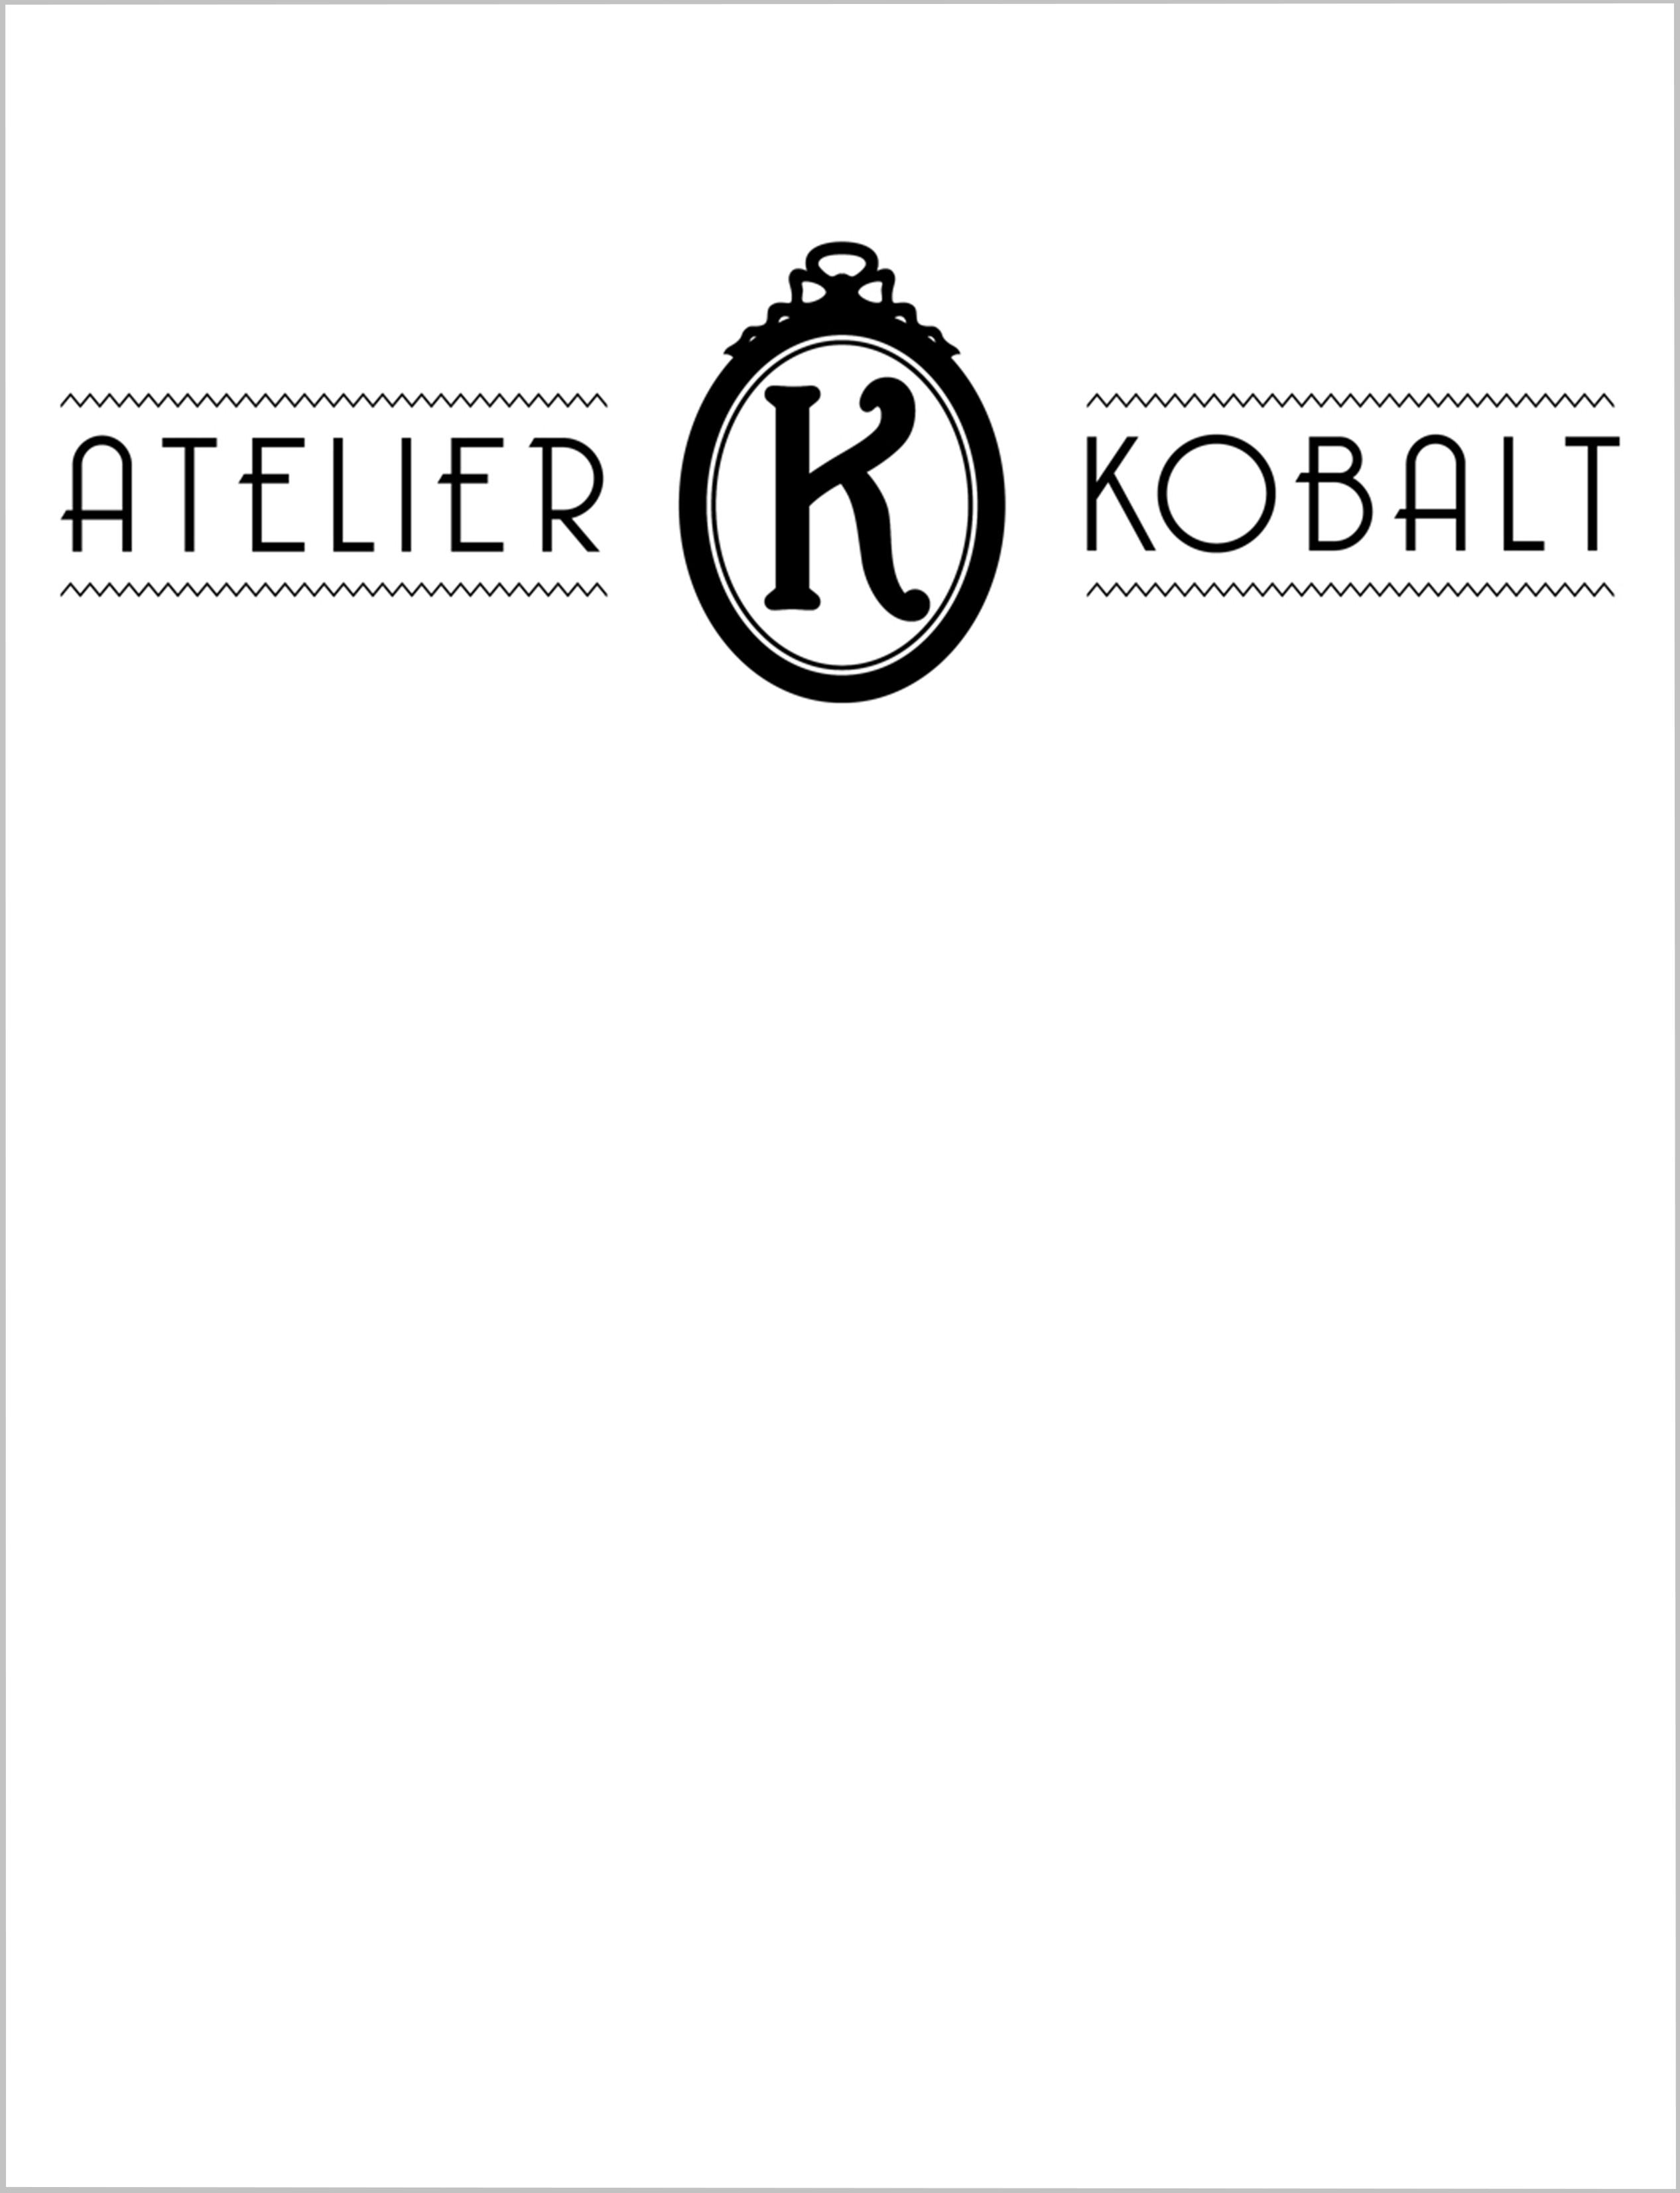 Atelier Kobalt